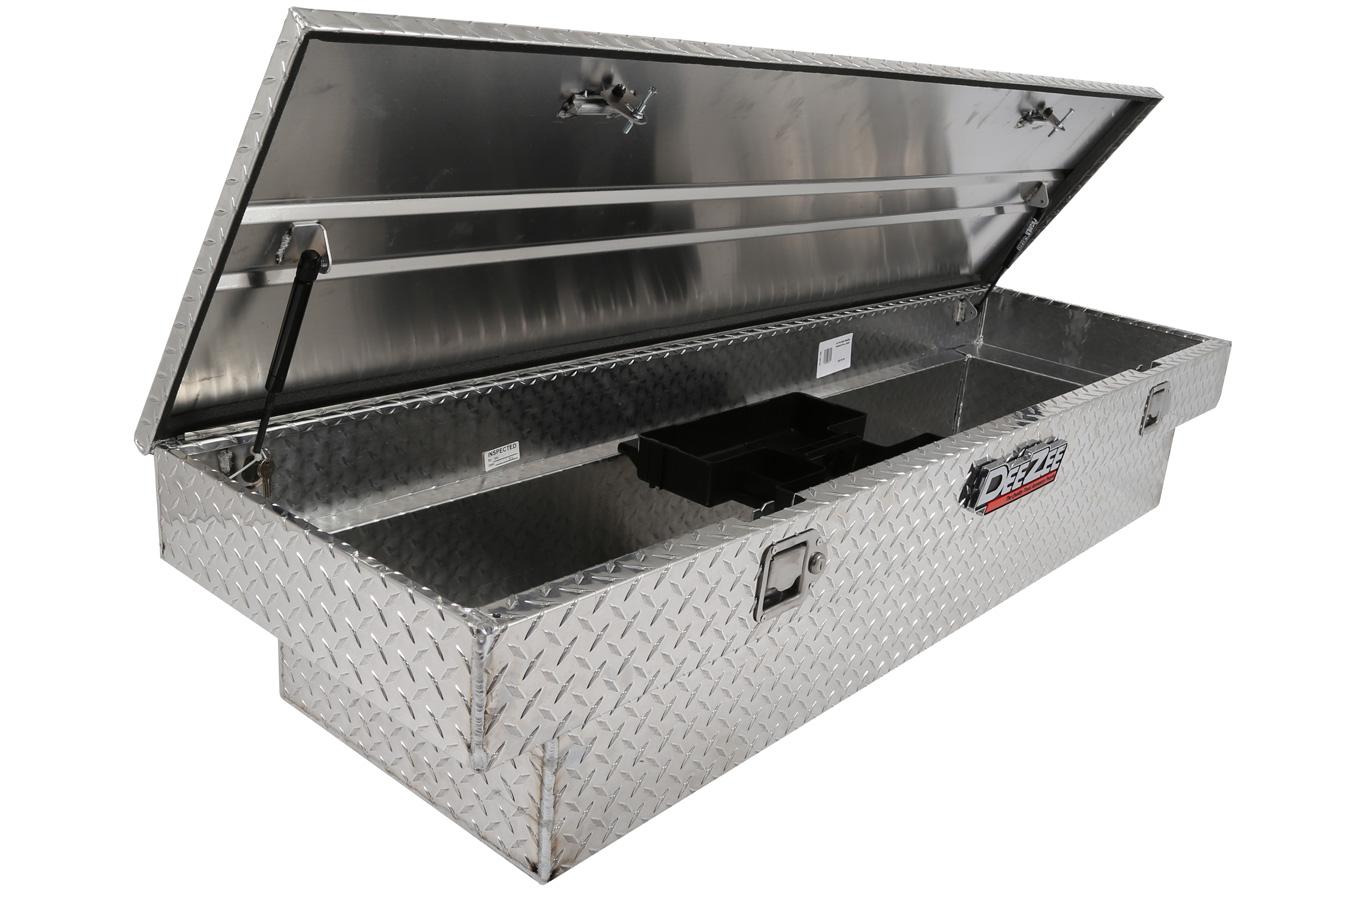 Dee Zee Tool Box >> Dee Zee Truck Tool Box, Single Lid Crossover Truck Toolbox